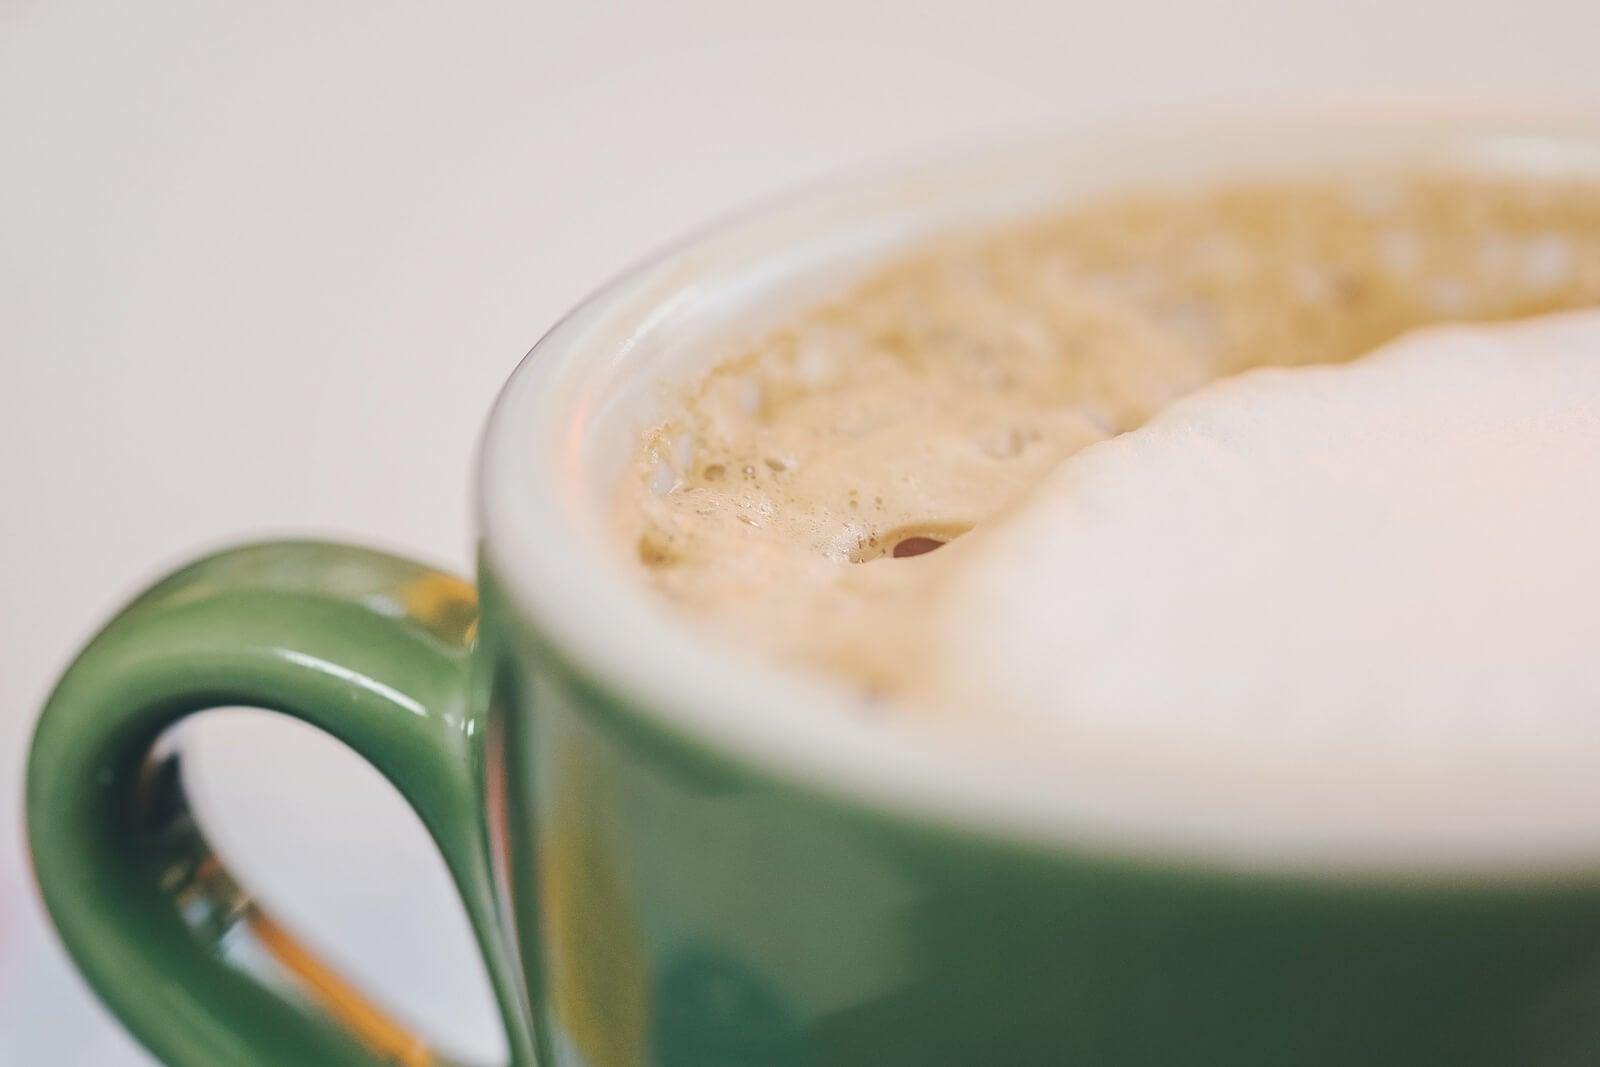 Taza verde con café y leche.